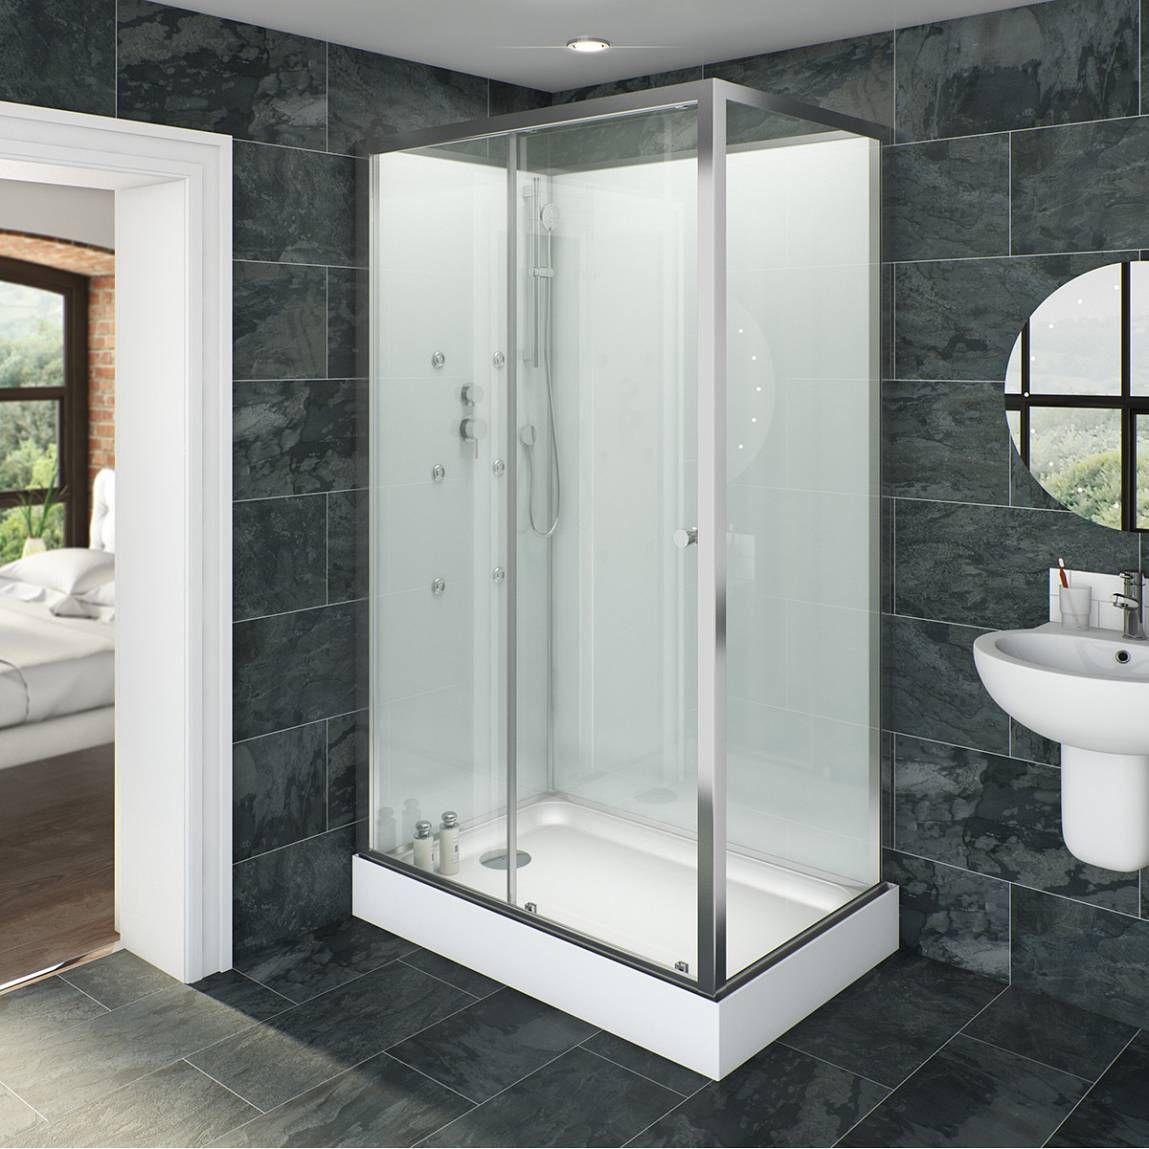 V6 Rectangular Glass Backed Shower Cabin 1200 X 800 Shower Cabin Shower Cubicles Small Shower Remodel